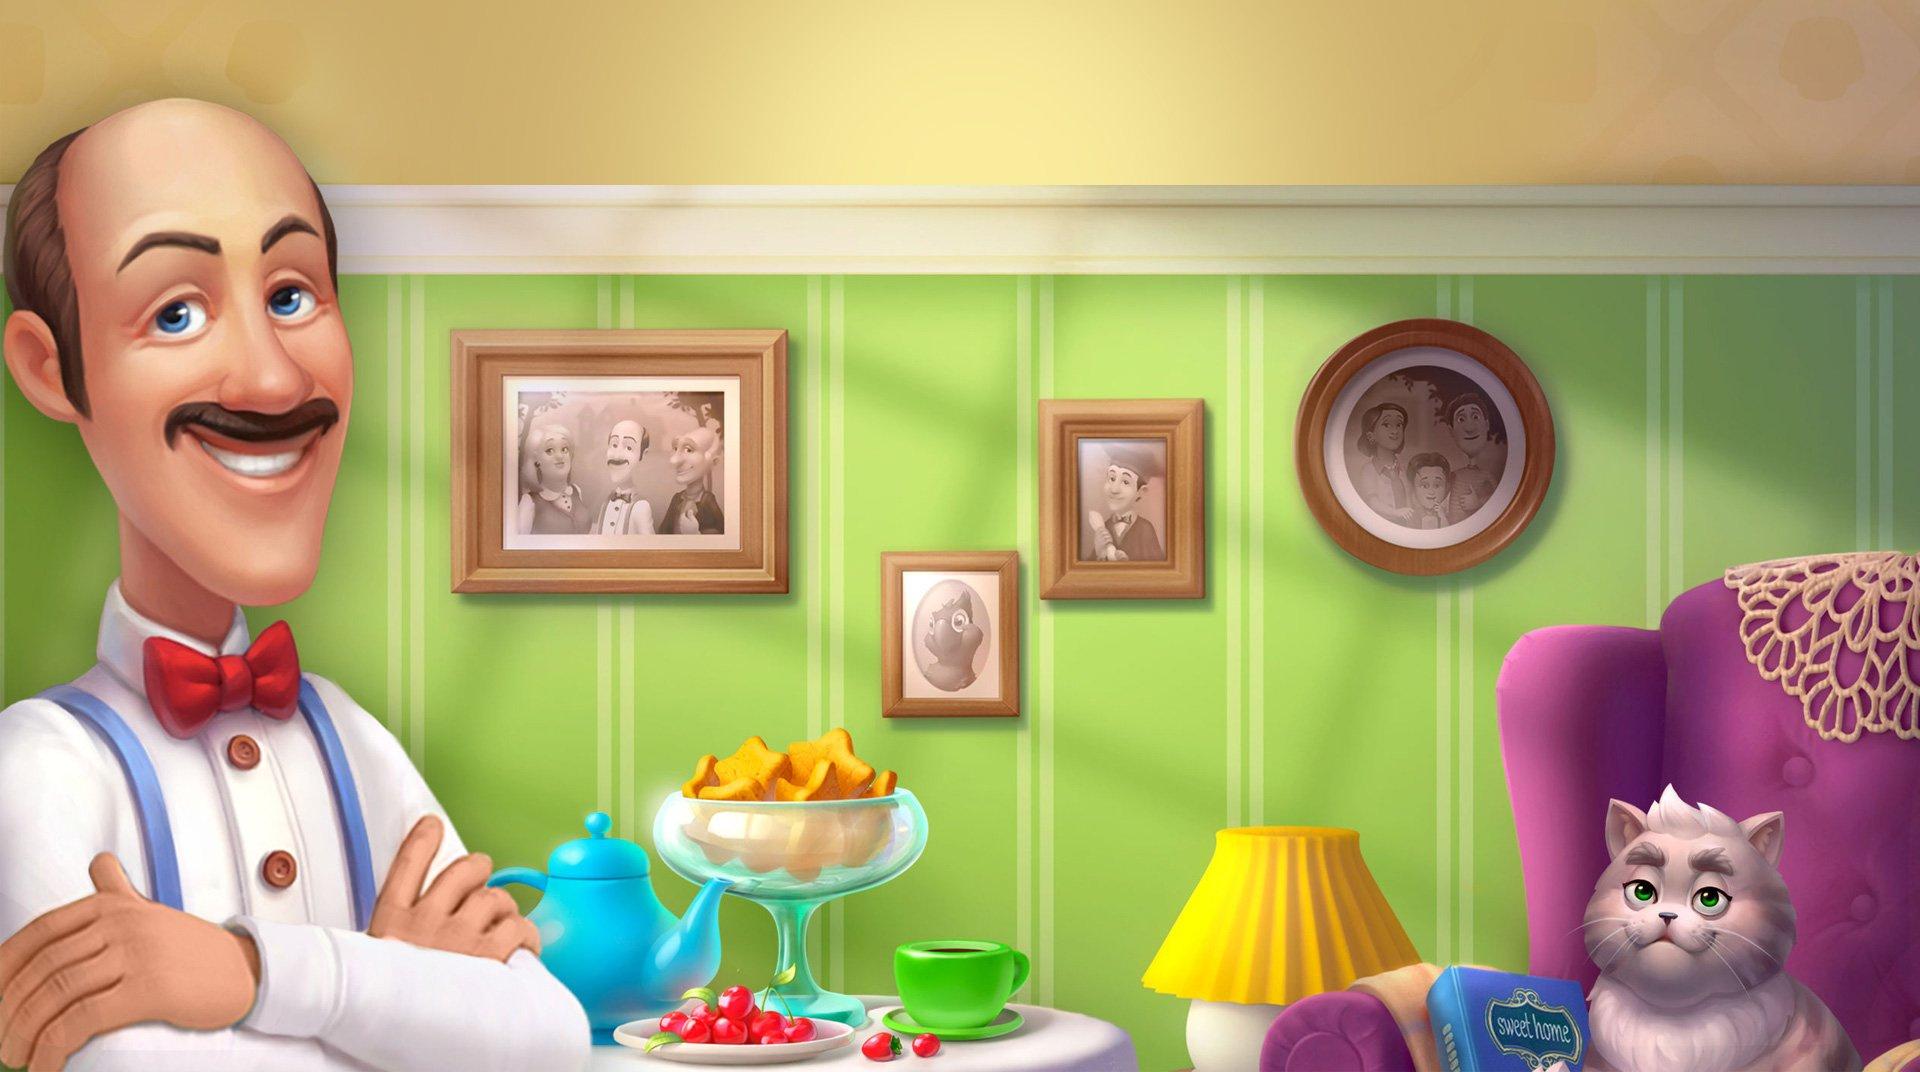 Земфира посвятила песню дворецкому Остину из серии игр «три в ряд»